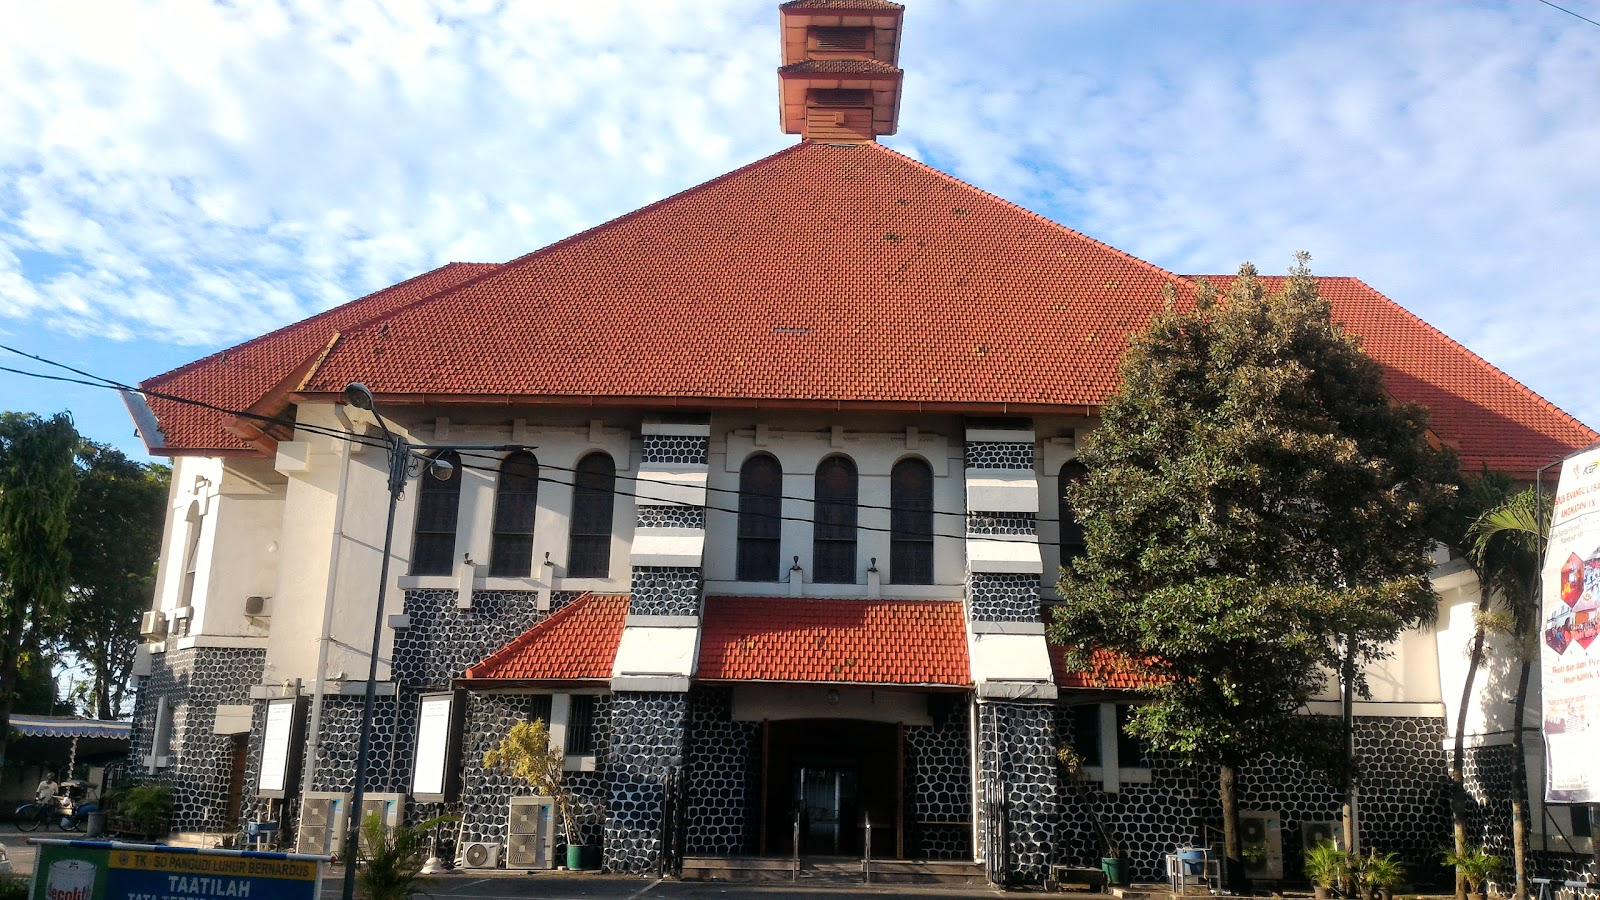 Visit Gereja Santa Perawan Maria Ratu Rosario Suci Randusari Katedral On Your Trip To Semarang